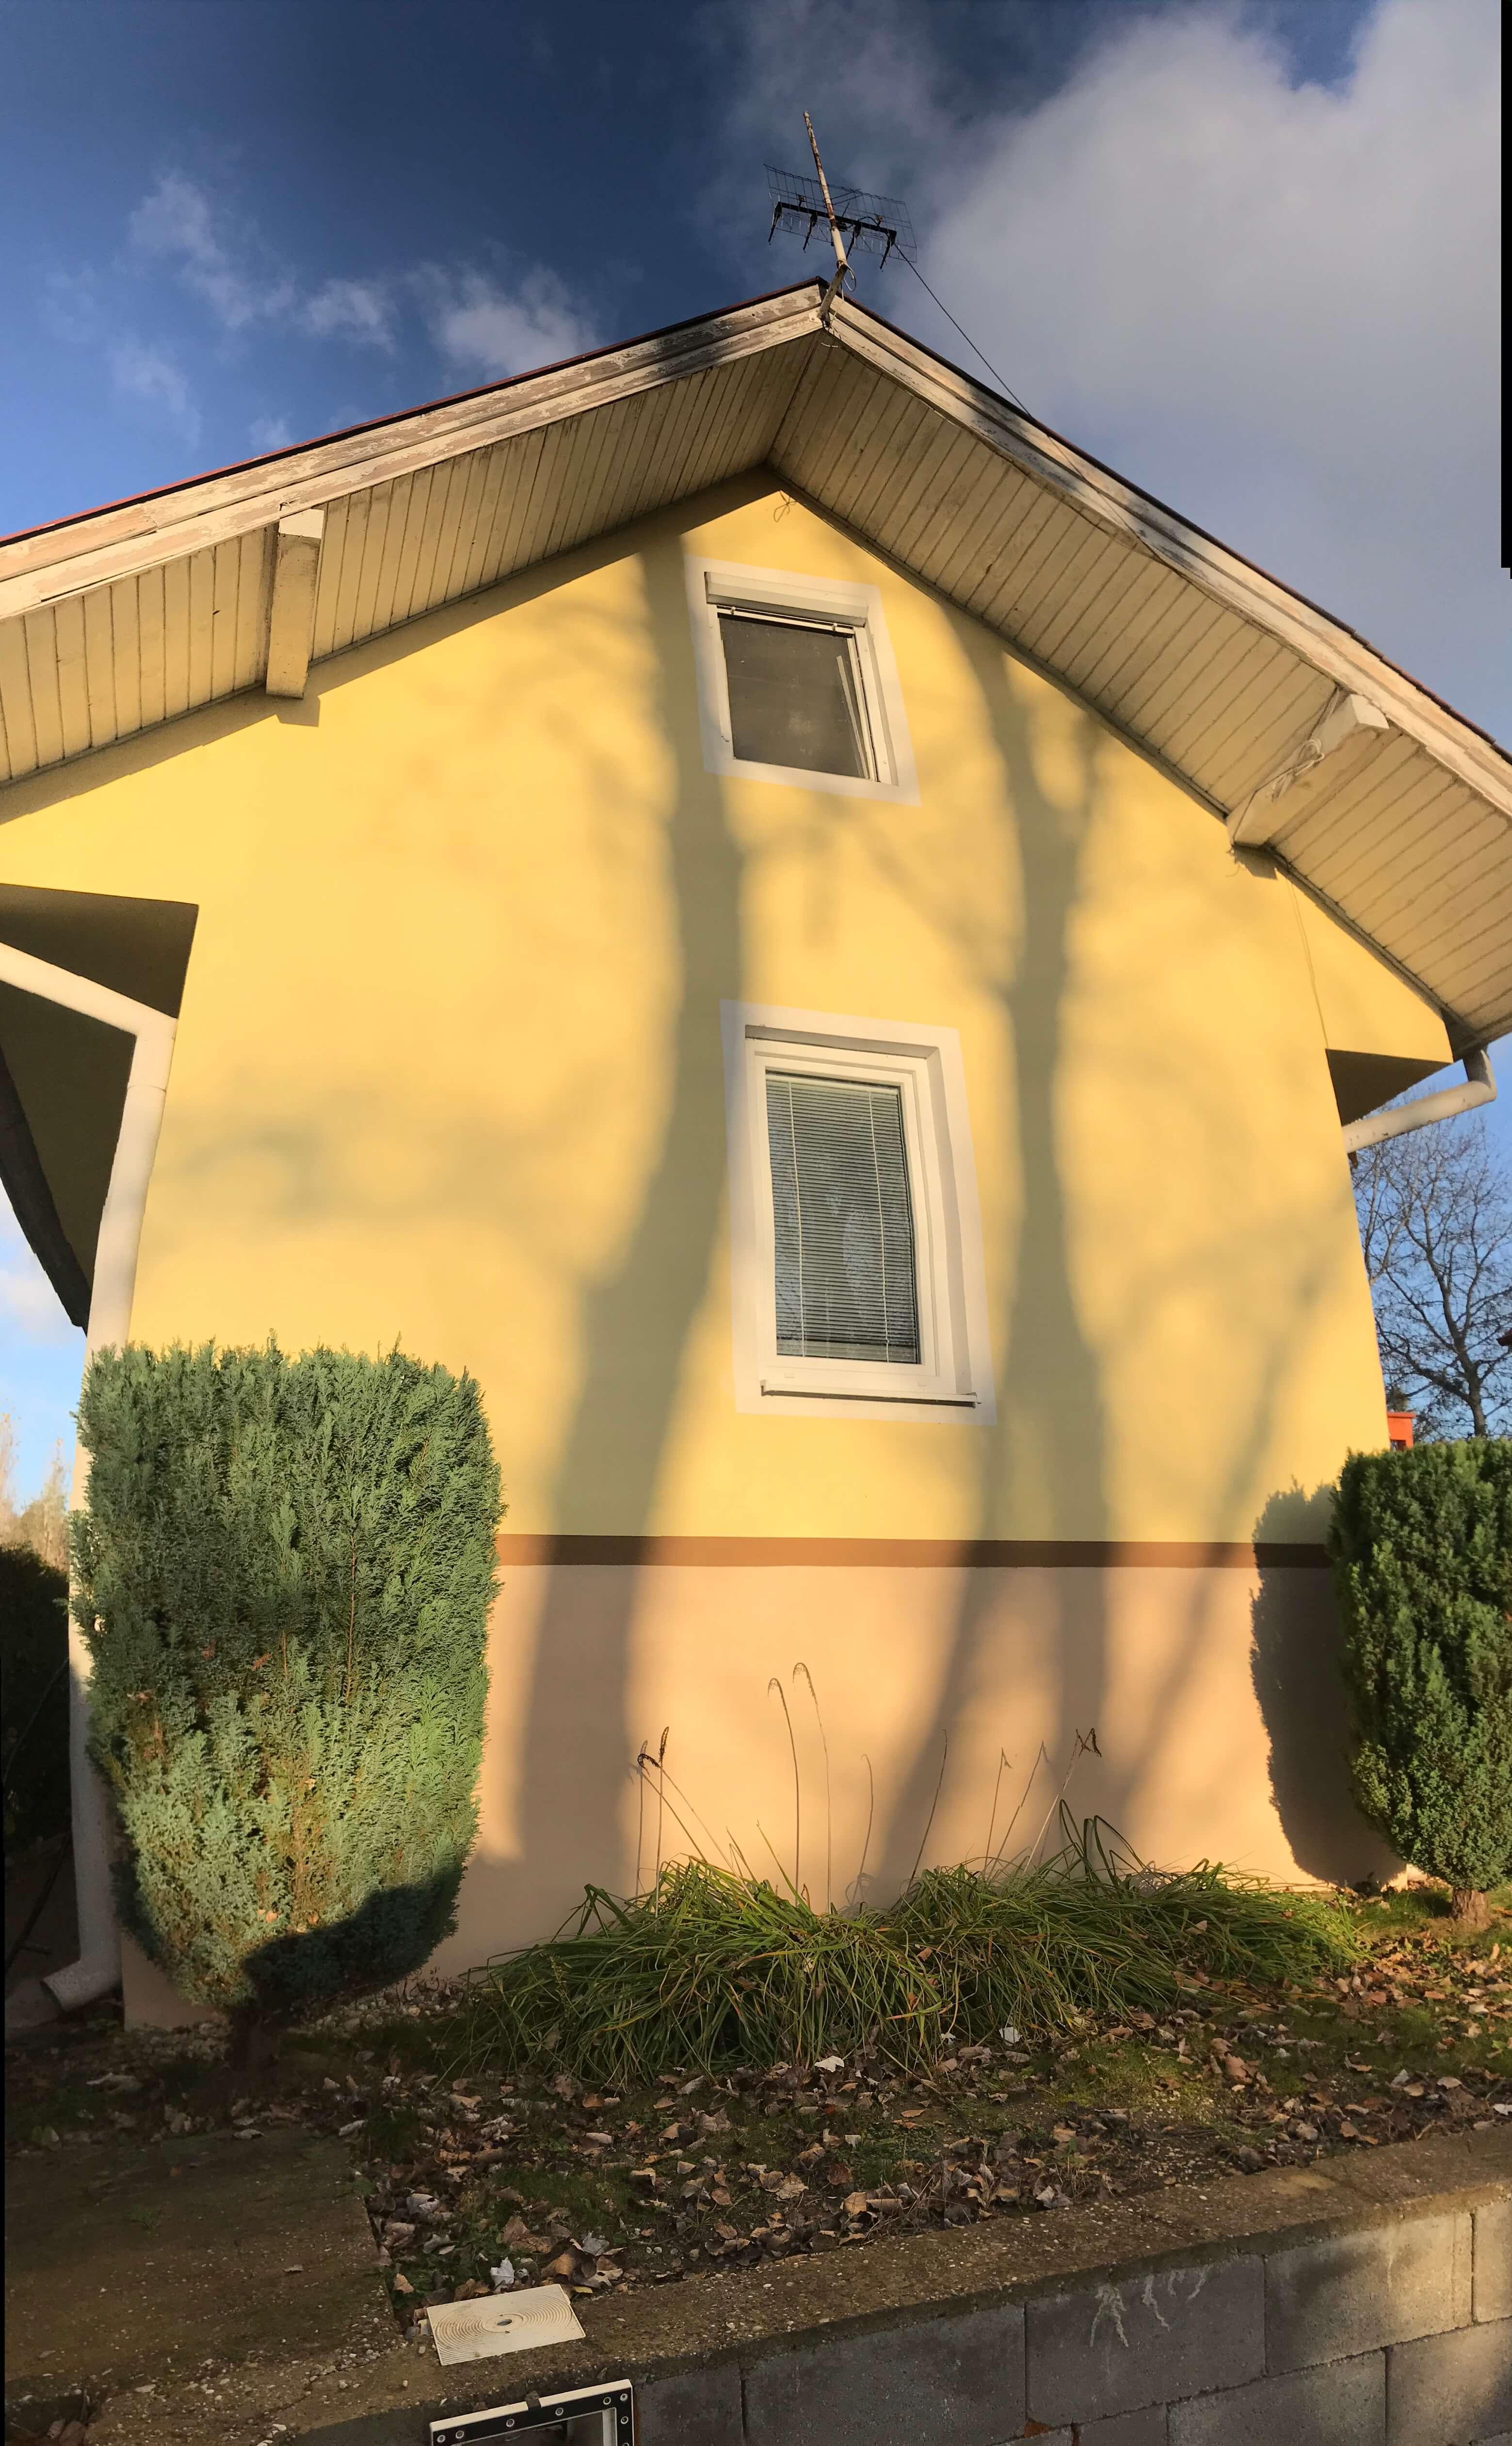 Predané: Exkluzívne 3 izbová chata o výmere 70m2 s 300m2 pozemkom, 2 podložná, v Gabčíkove pri hrádzi, kompe-44